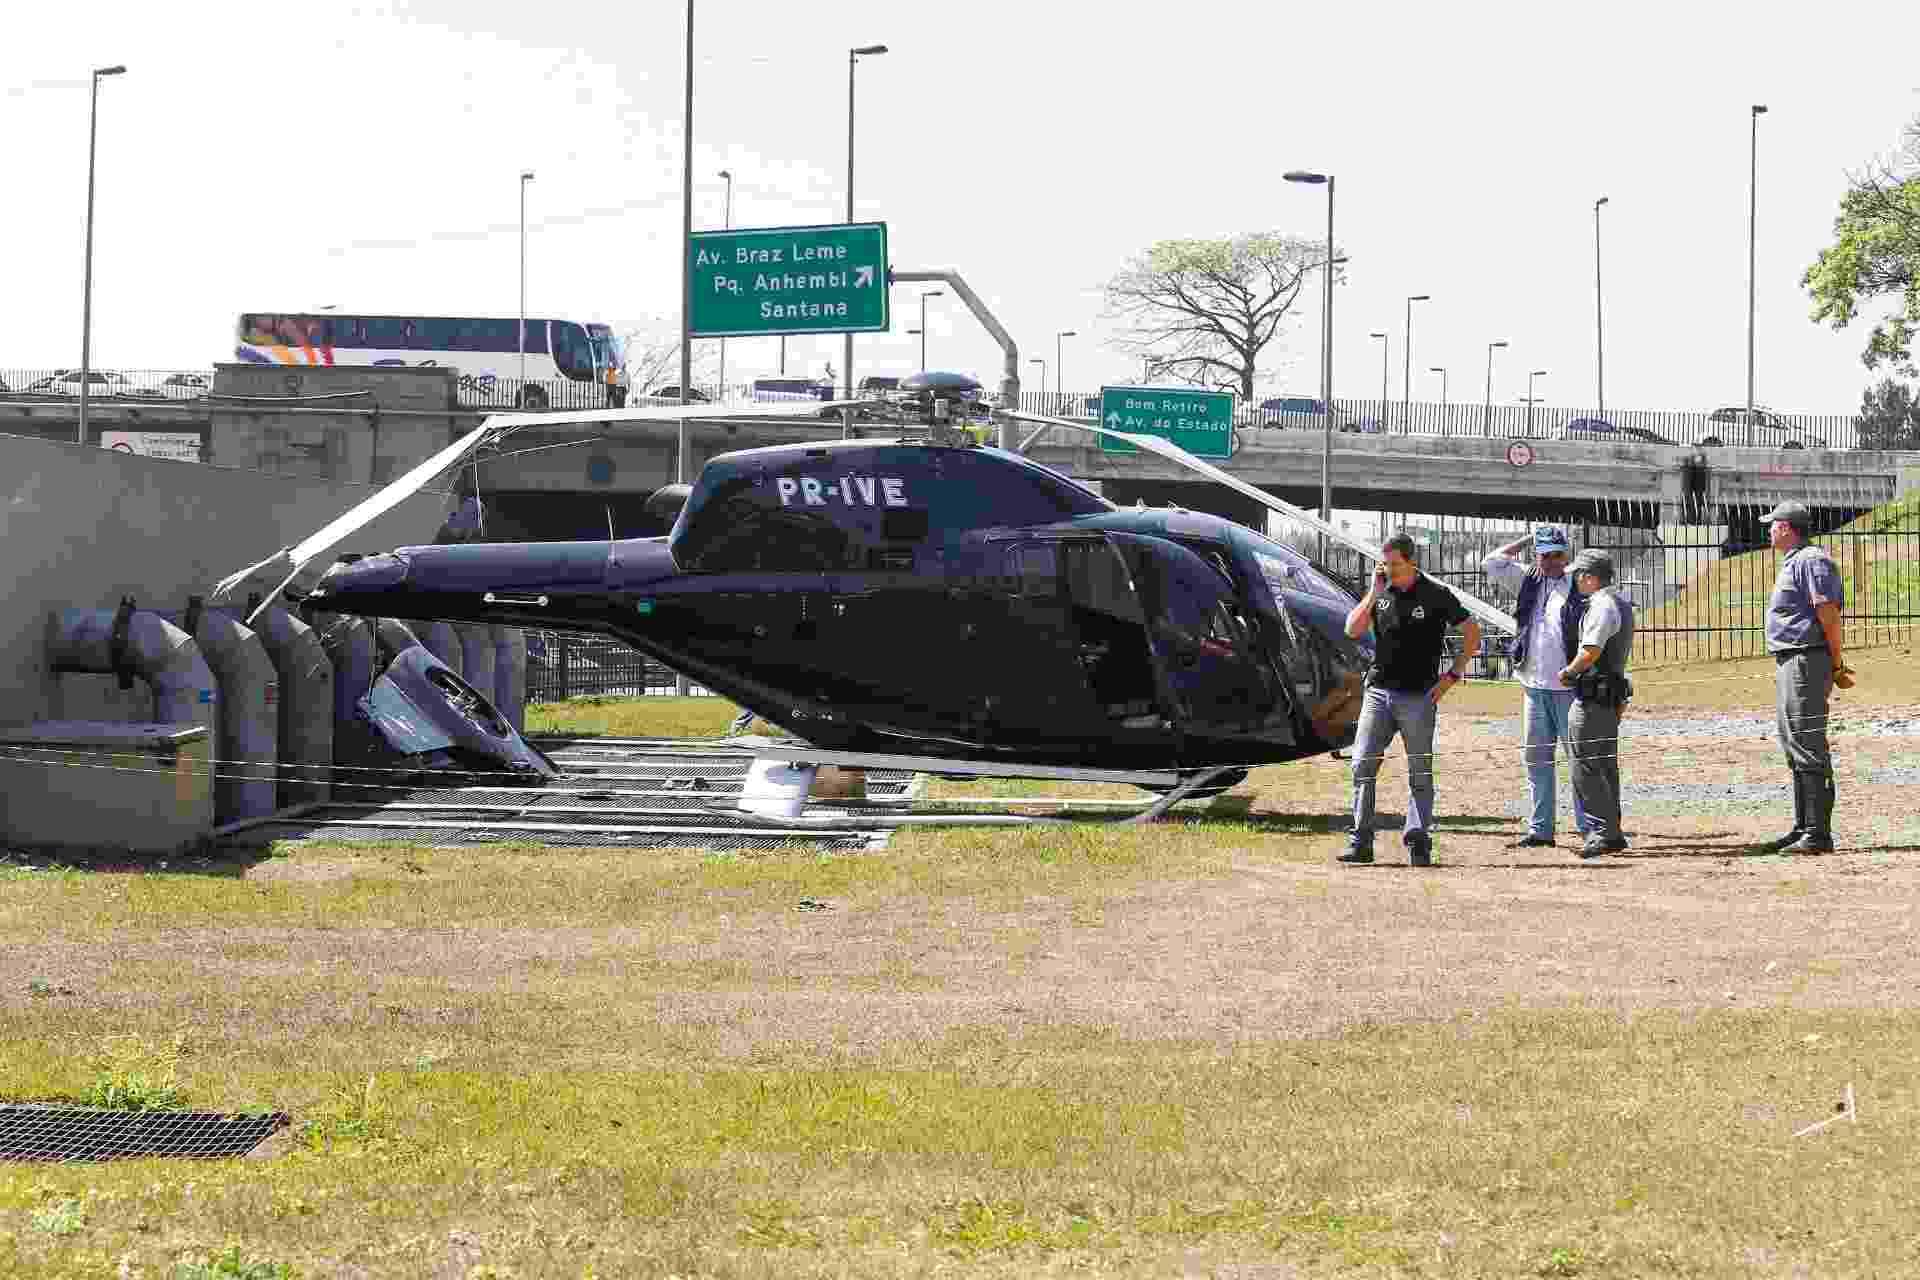 21.ago.2013 - Um helicóptero fez um pouso de emergência às 10h40 desta quarta-feira (21) em um canteiro da marginal Tietê, próximo à ponte da Casa Verde, na zona norte de São Paulo - Leandro Martins/Futura Press